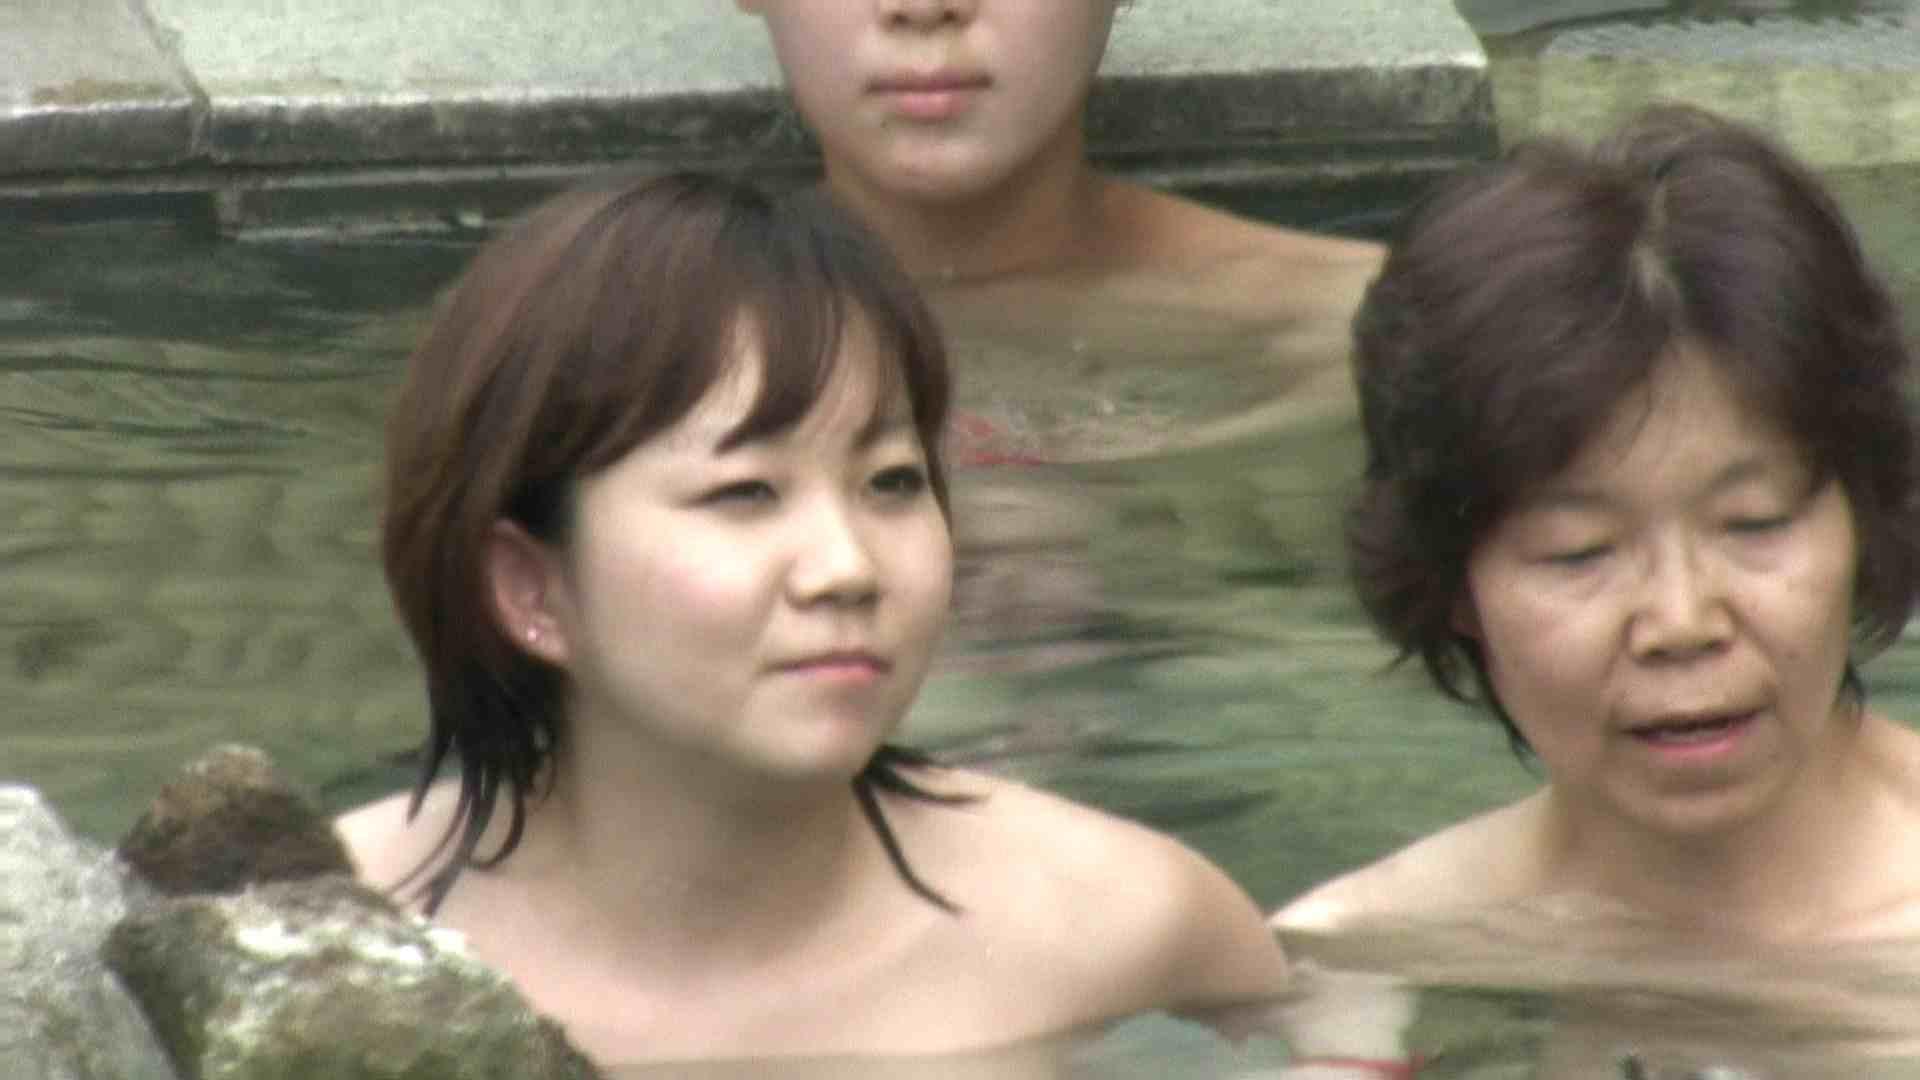 Aquaな露天風呂Vol.664 OLのエロ生活  49連発 27